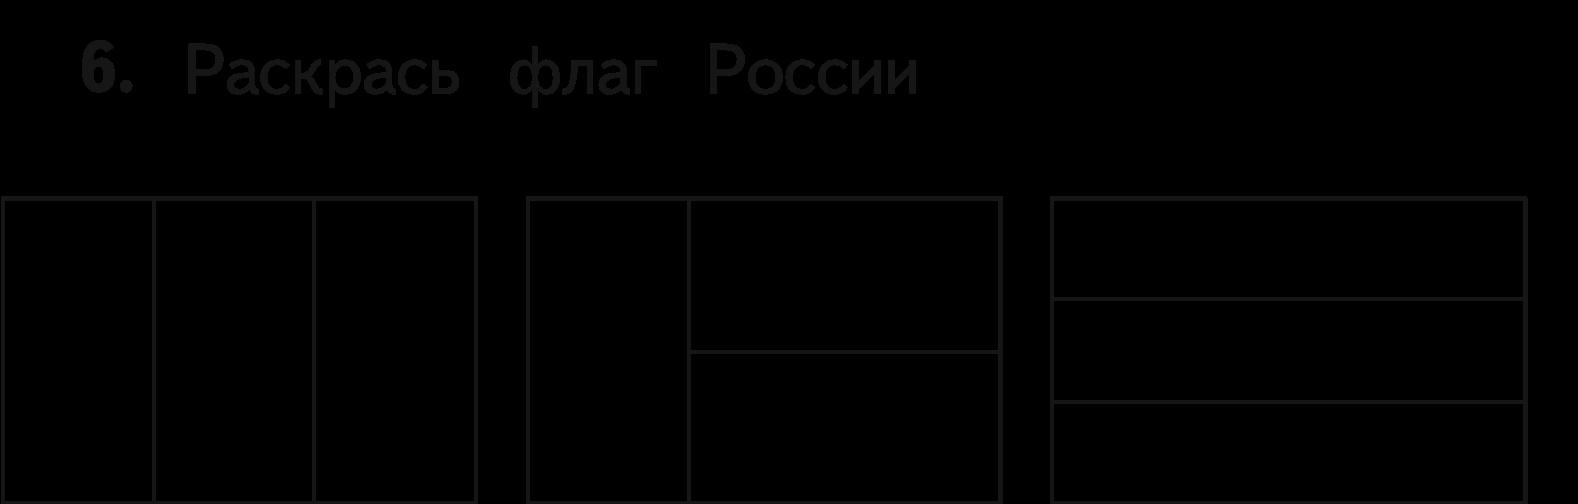 Флаг россии раскраска распечатать шаблон